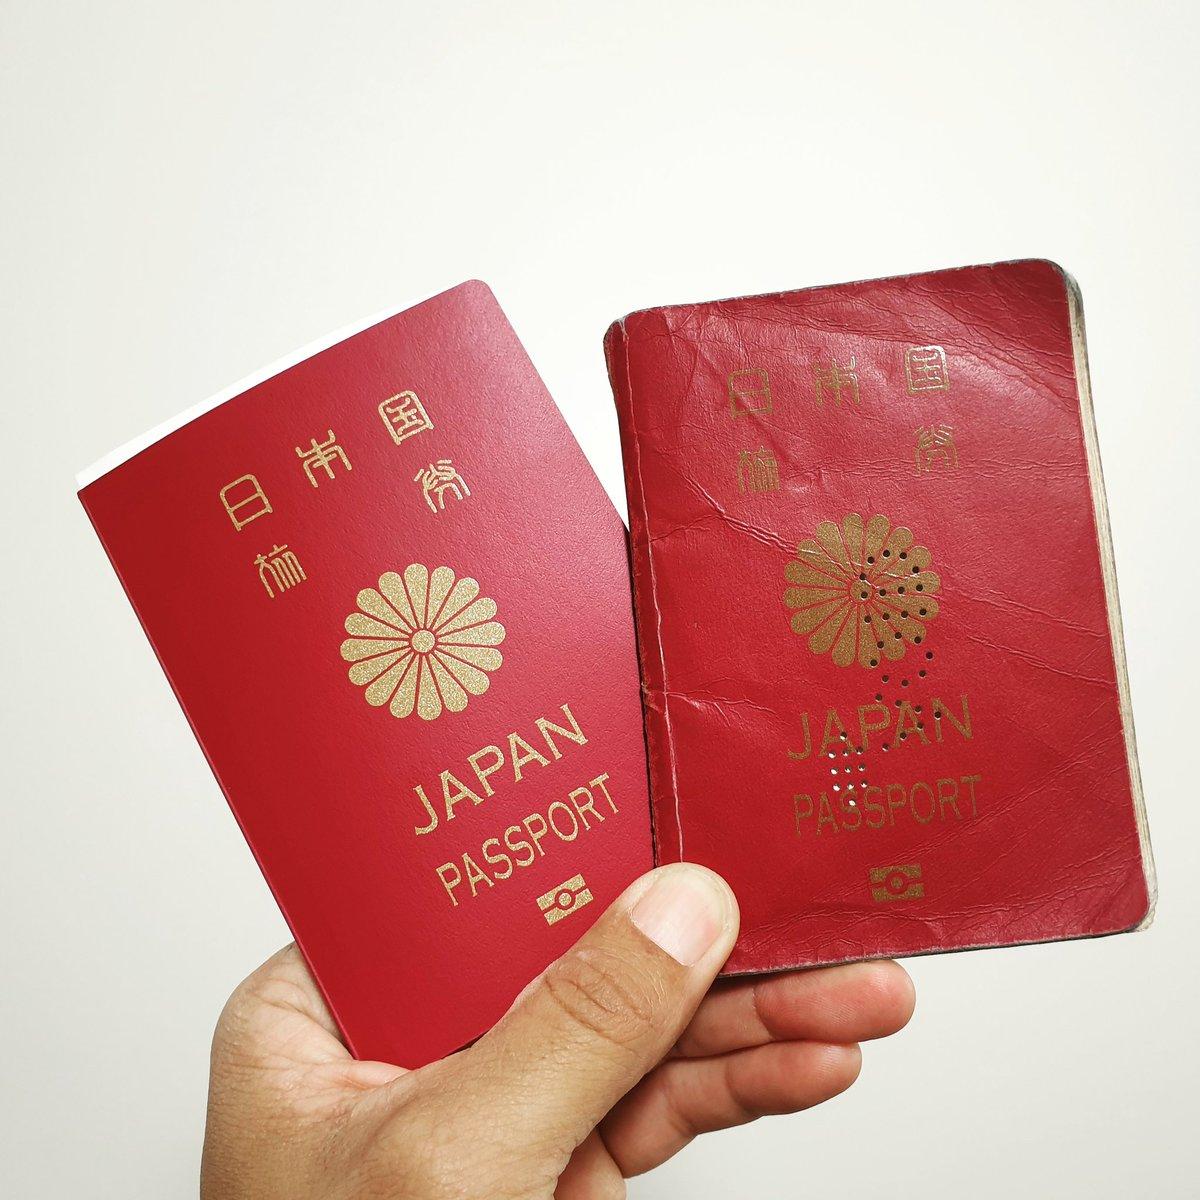 test ツイッターメディア - 残り1ページまで使い切ったボロボロのパスポート。 9年間と数カ月一緒に旅してくれてどうもありがとう😘 そしてこれからも😉  🇯🇵 #クレイジージャーニー #travel ✈ https://t.co/gWQjTFhSi0